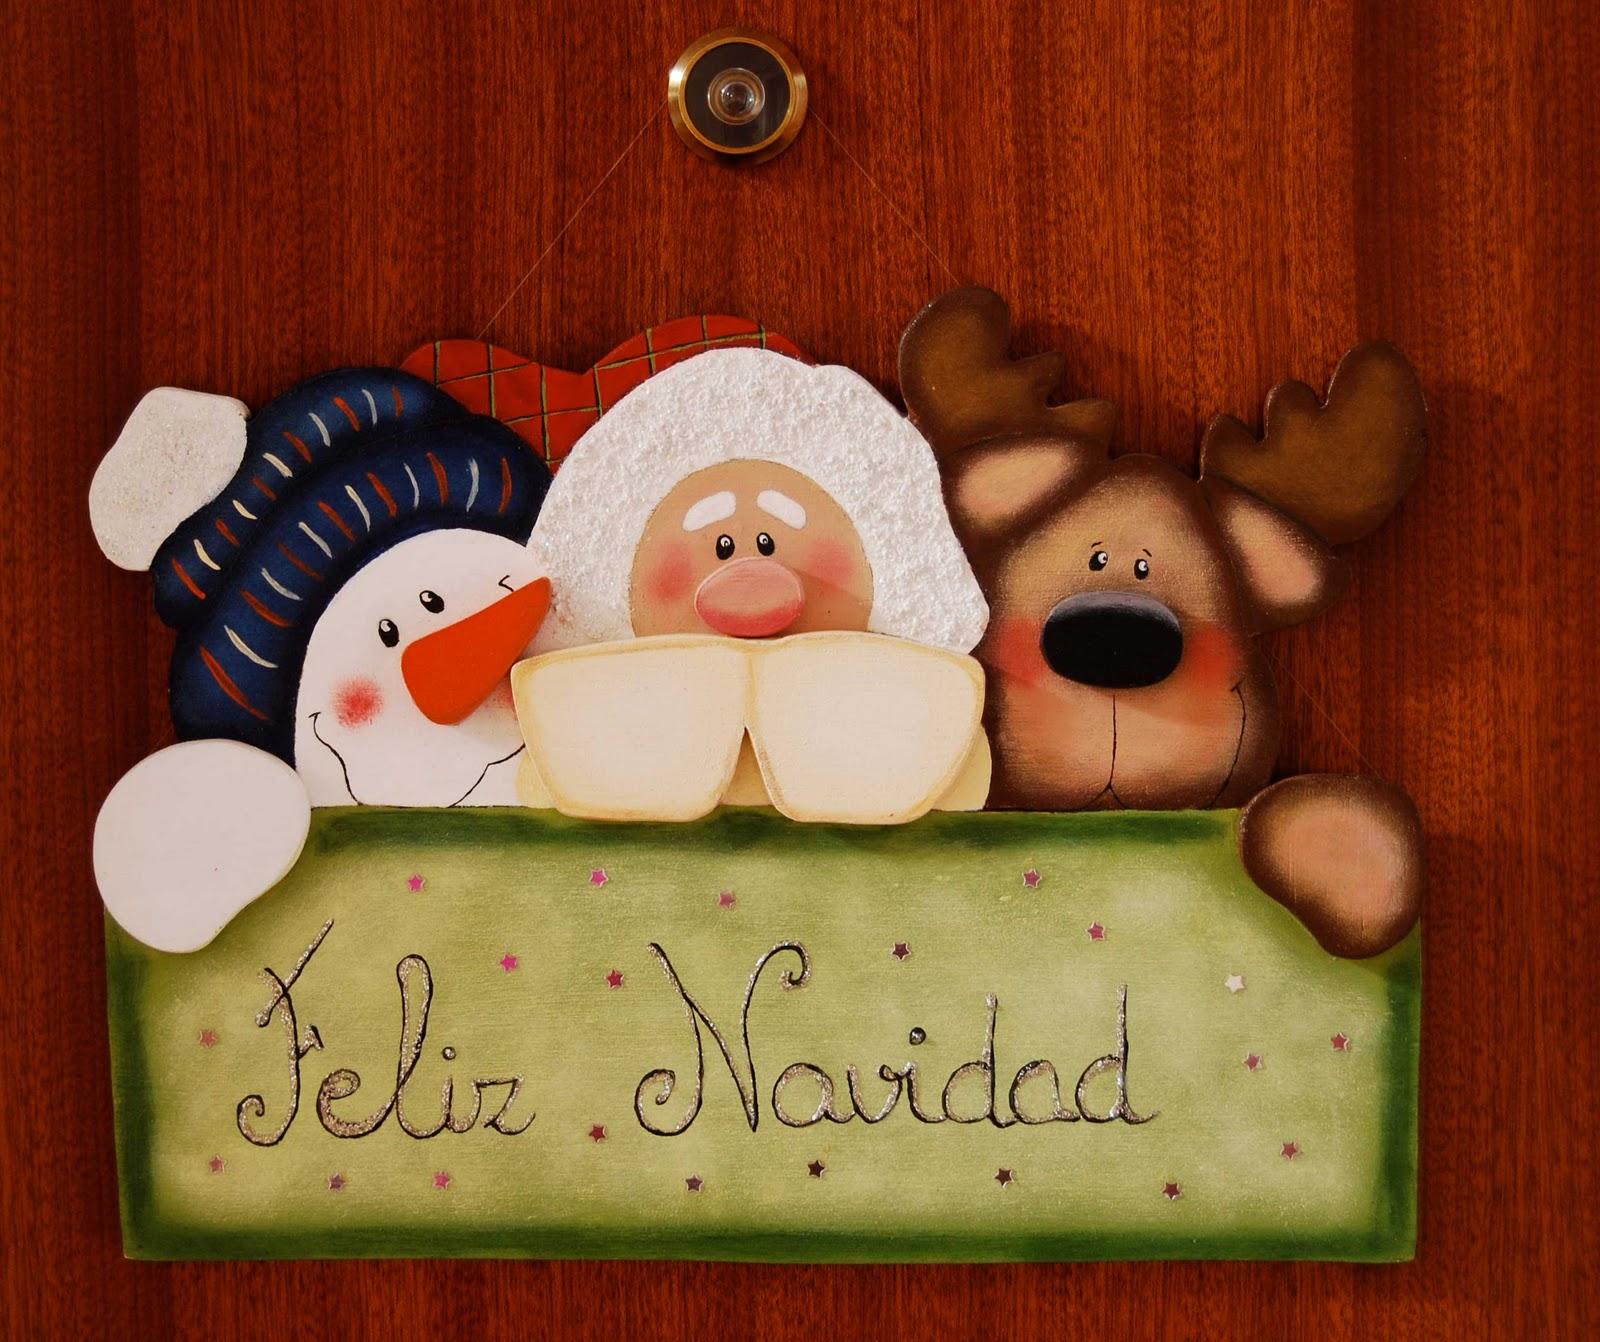 18 de septiembre y lleg la navidad - Adornos navidenos de madera ...